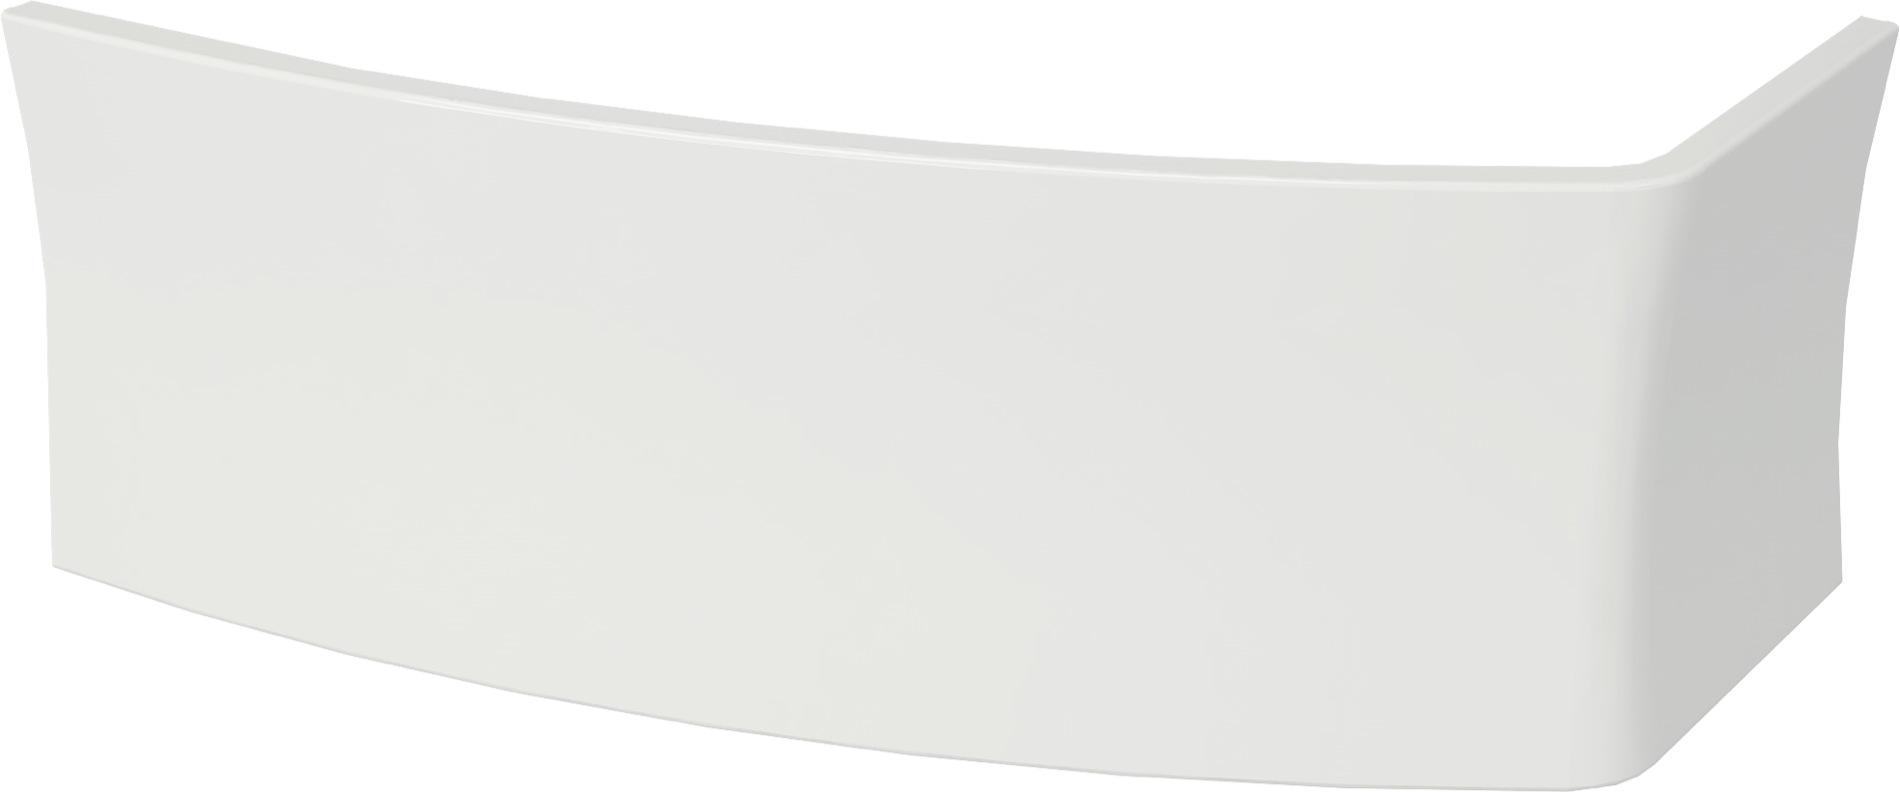 Панель для ванны Cersanit SICILIA new правая/левая 170 S401-087